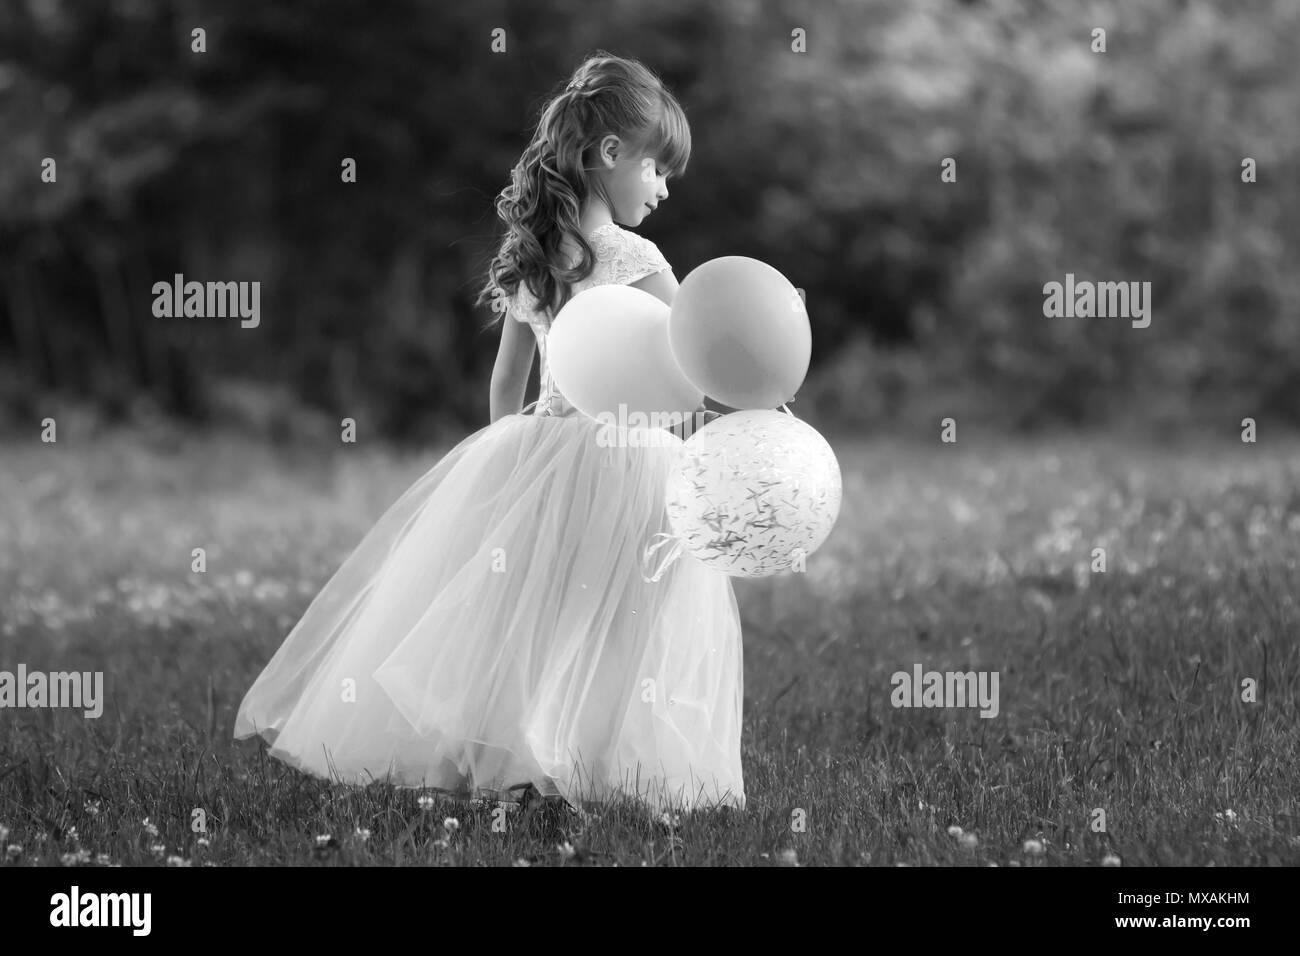 Profil pour fille photo de 6 exemples